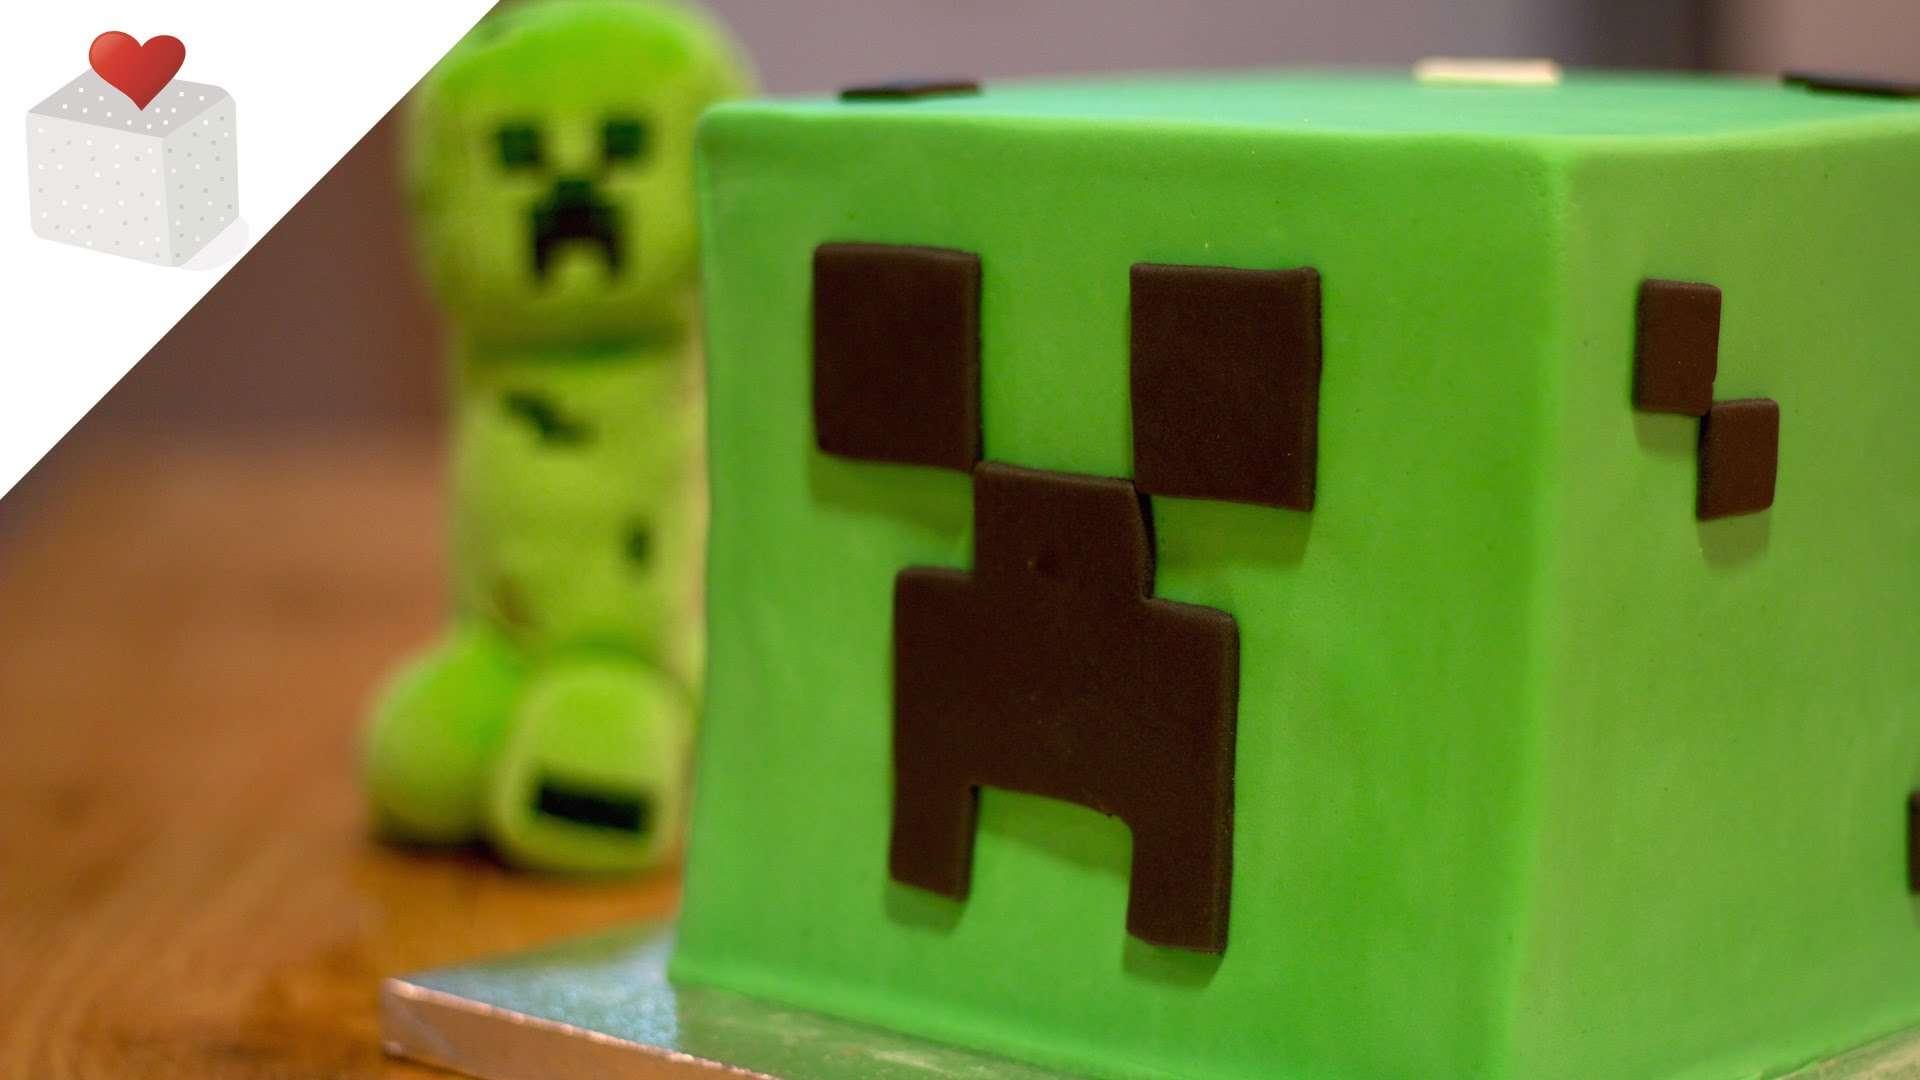 Cómo hacer una torta en minecraft